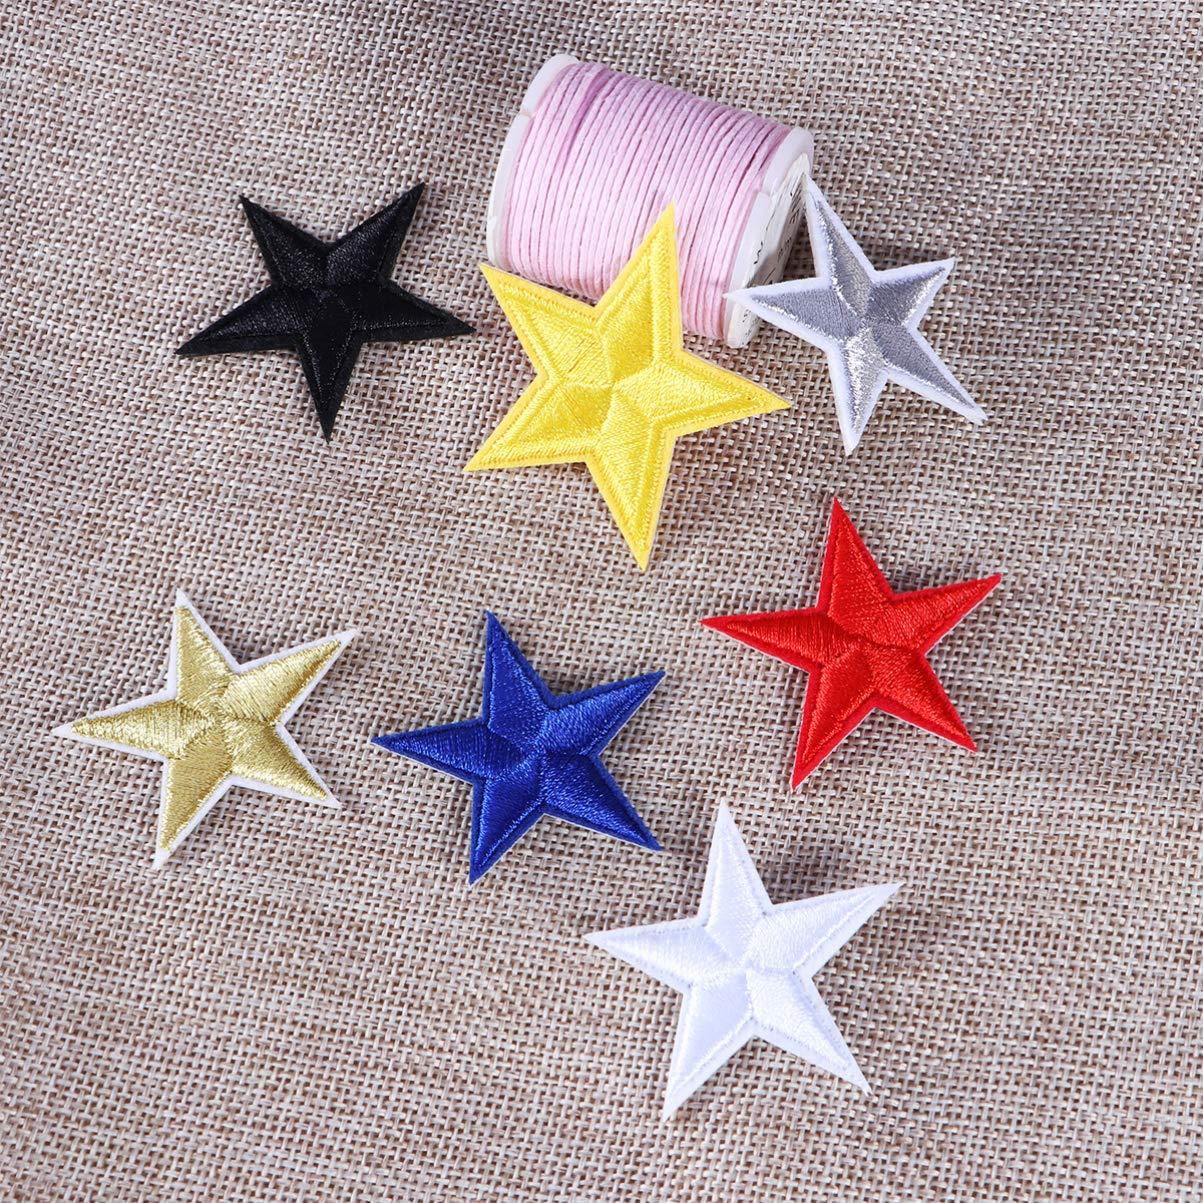 azul Dorado. HEALLILY para vaqueros ropa parches bordados para planchar costuras manualidades Parche de estrella para coser o planchar chaquetas